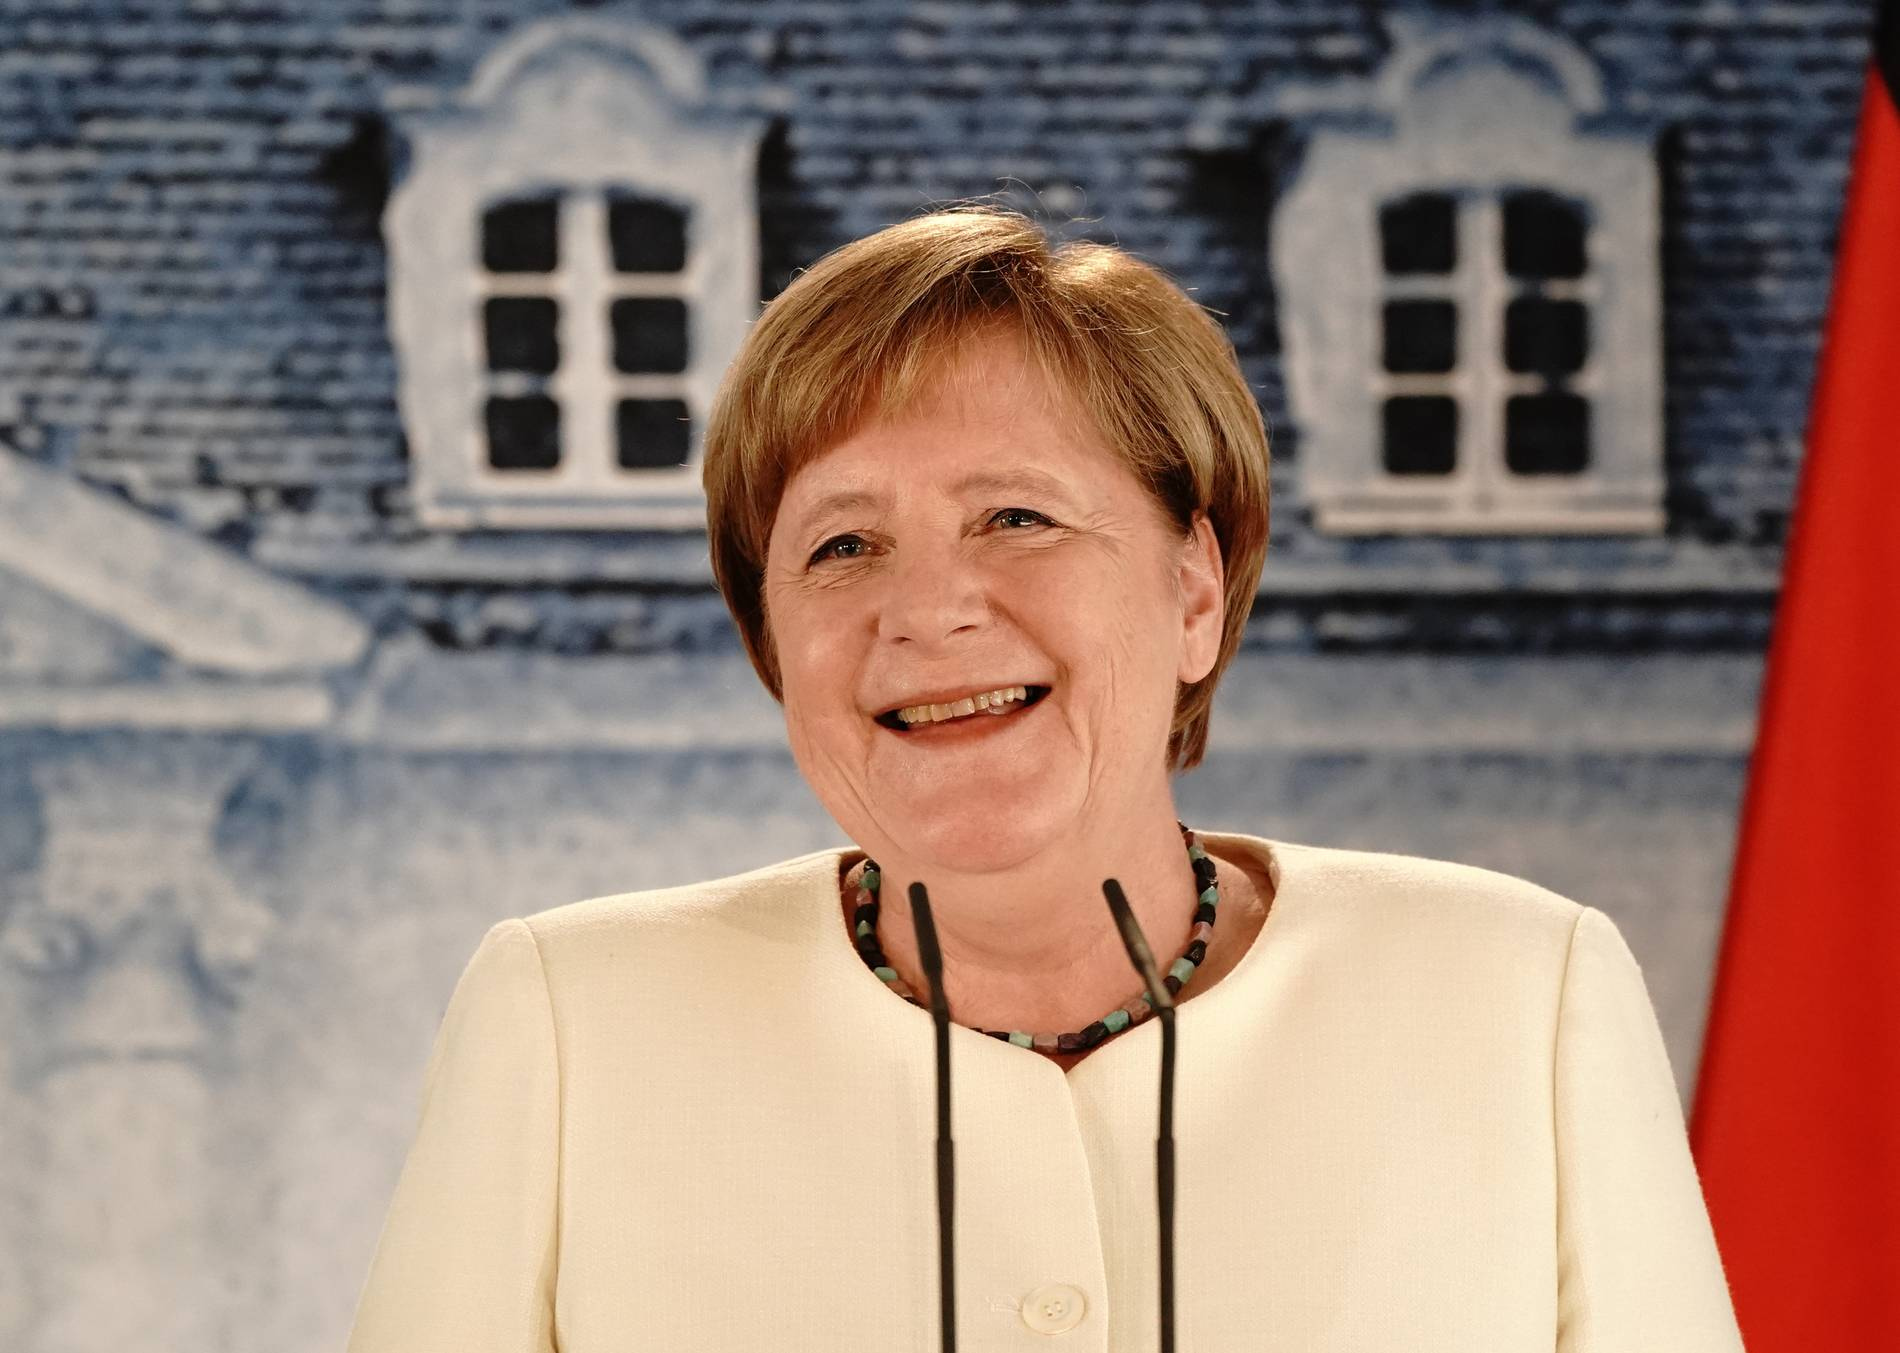 Merkel ohne Mund-Nase-Schutz: